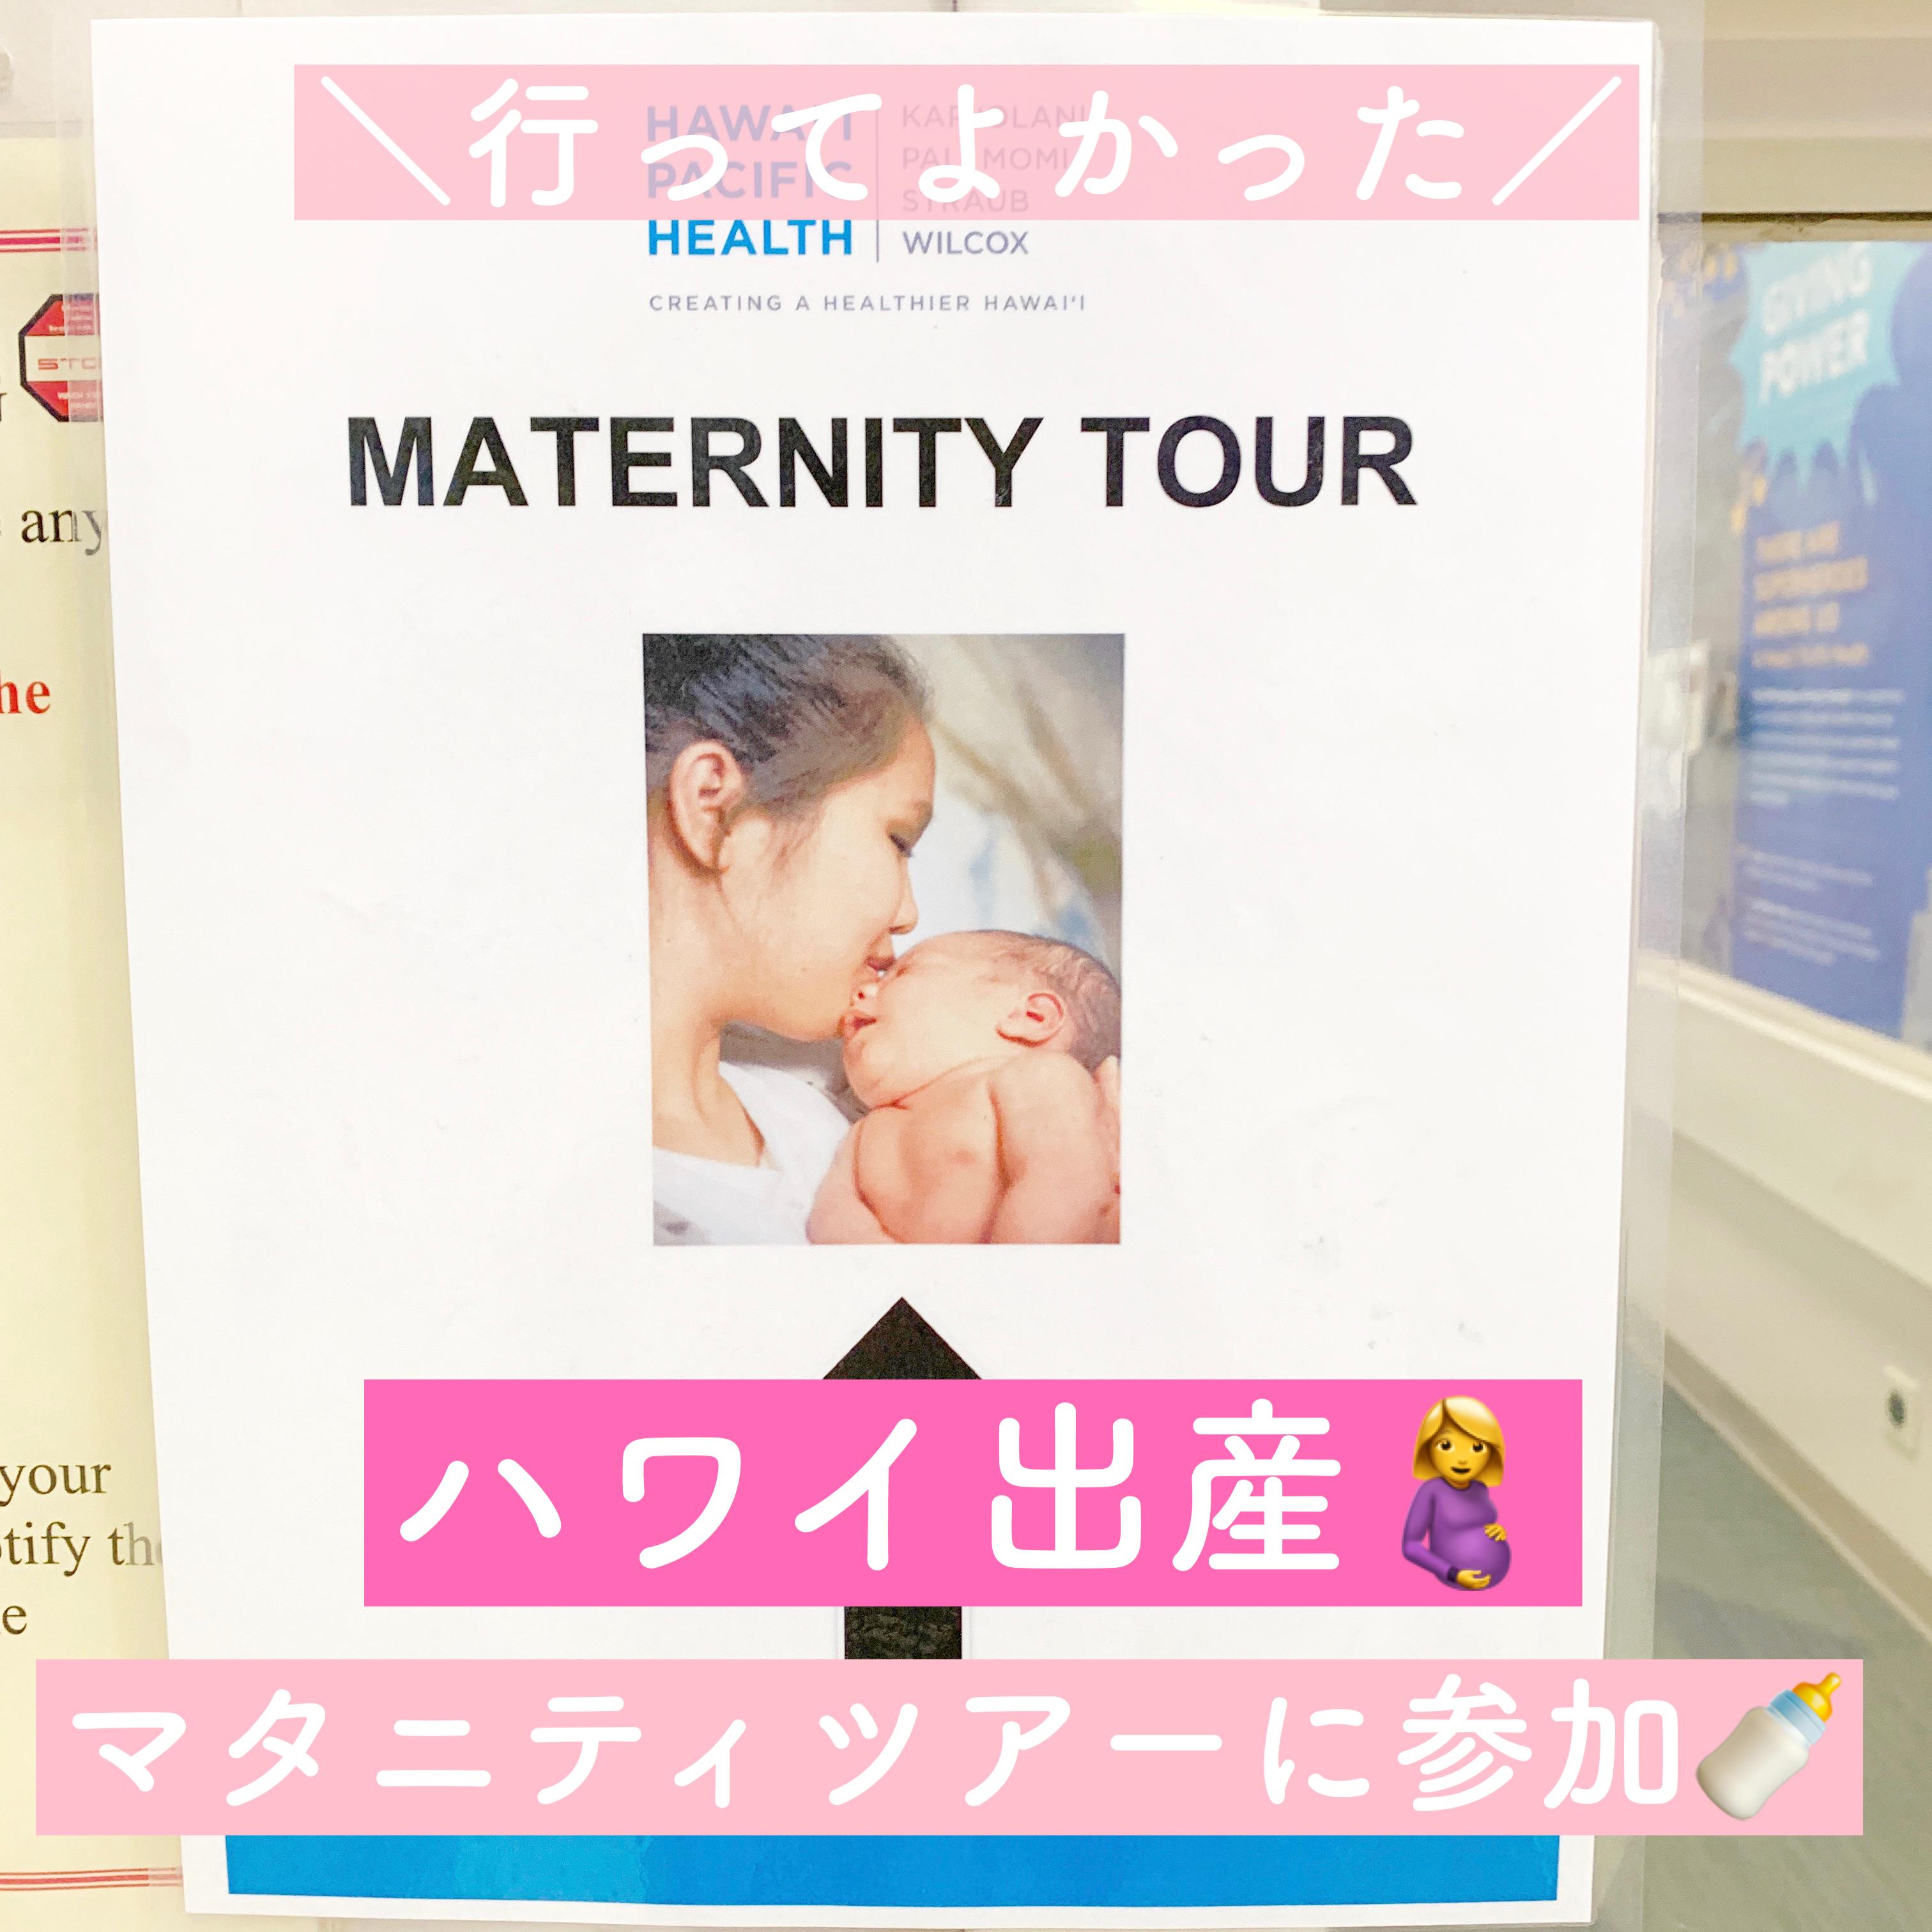 【ハワイ出産】カピオラニ病院のマタニティツアー【行ってよかった】